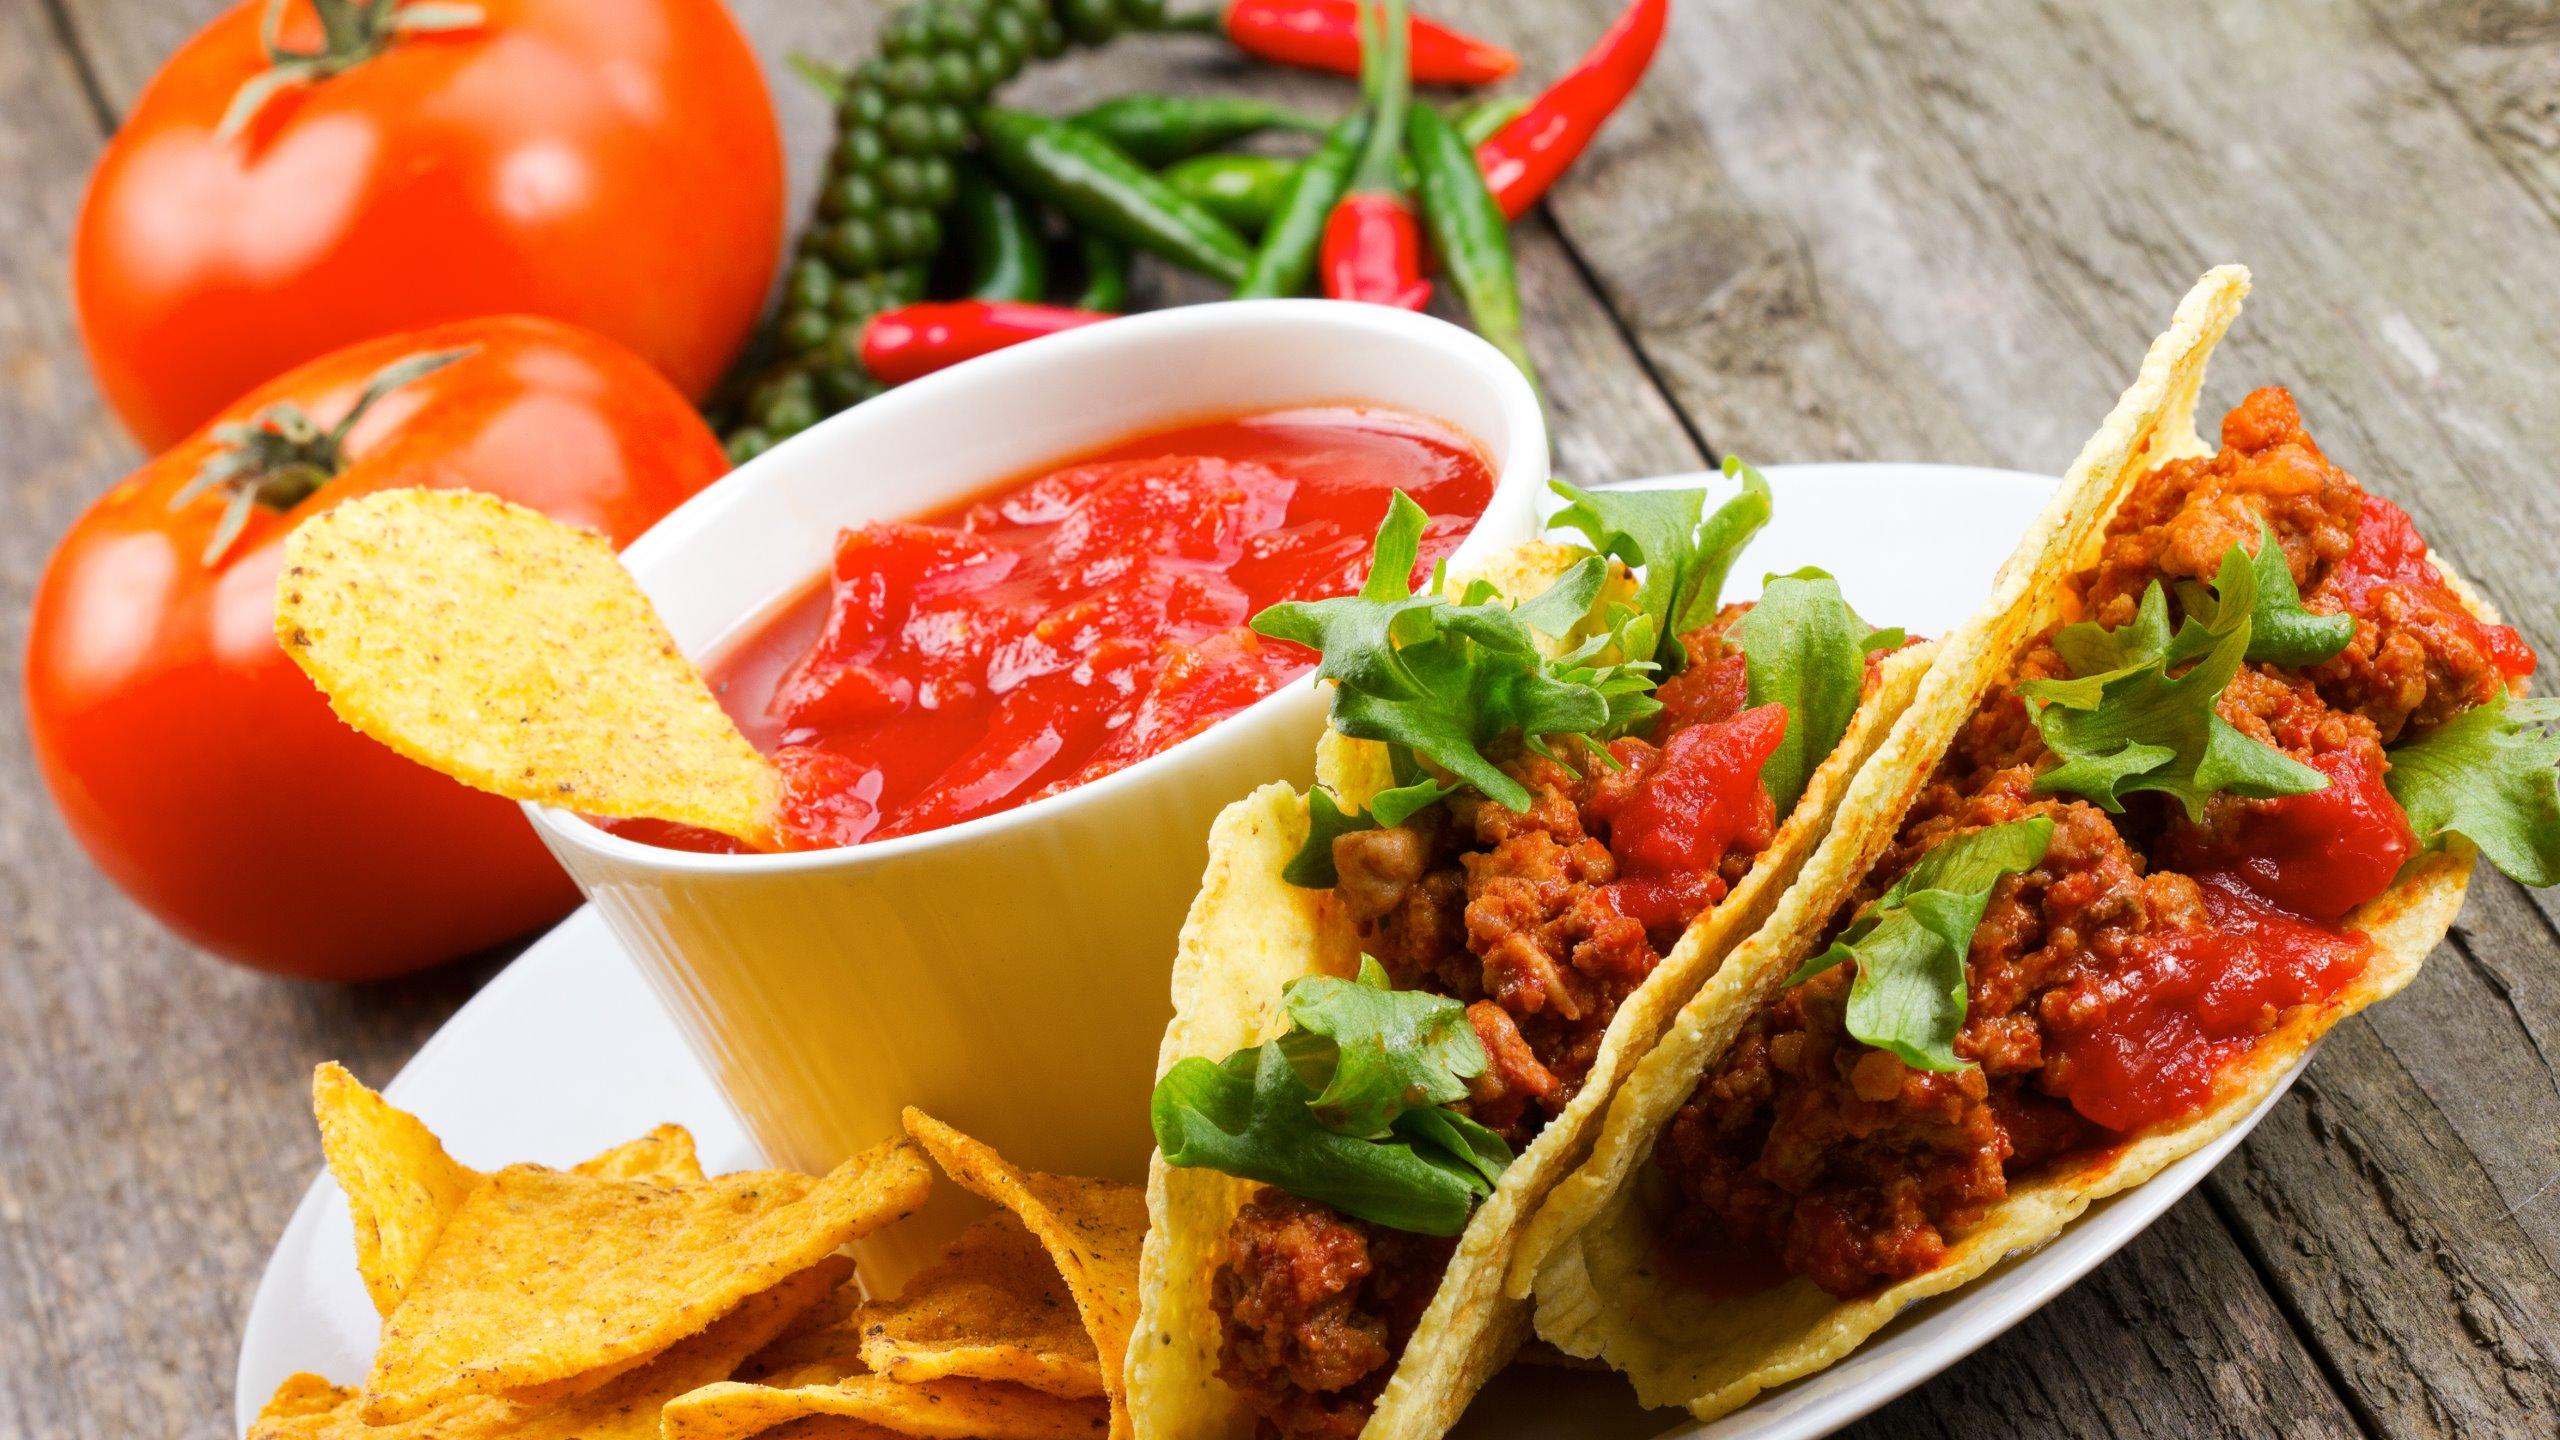 Recetas de comida casera mexicana imperdibles mil recetas for Comidas caseras faciles